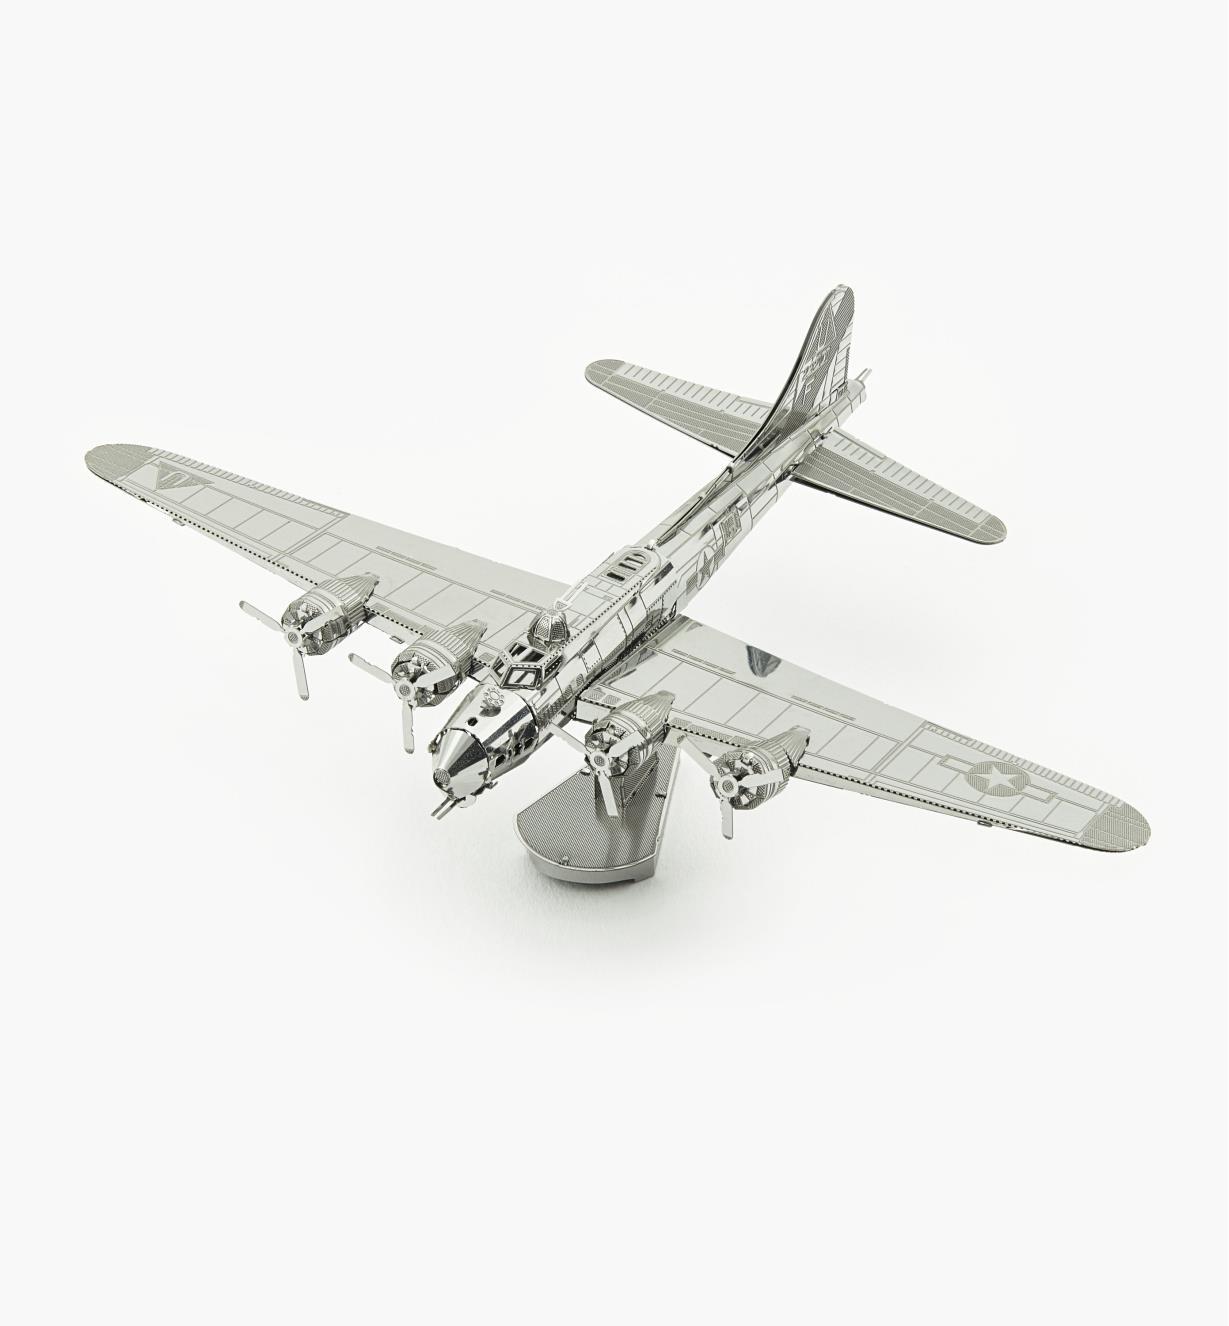 45K4135 - Modèle réduit en métal – B-17 Flying Fortress